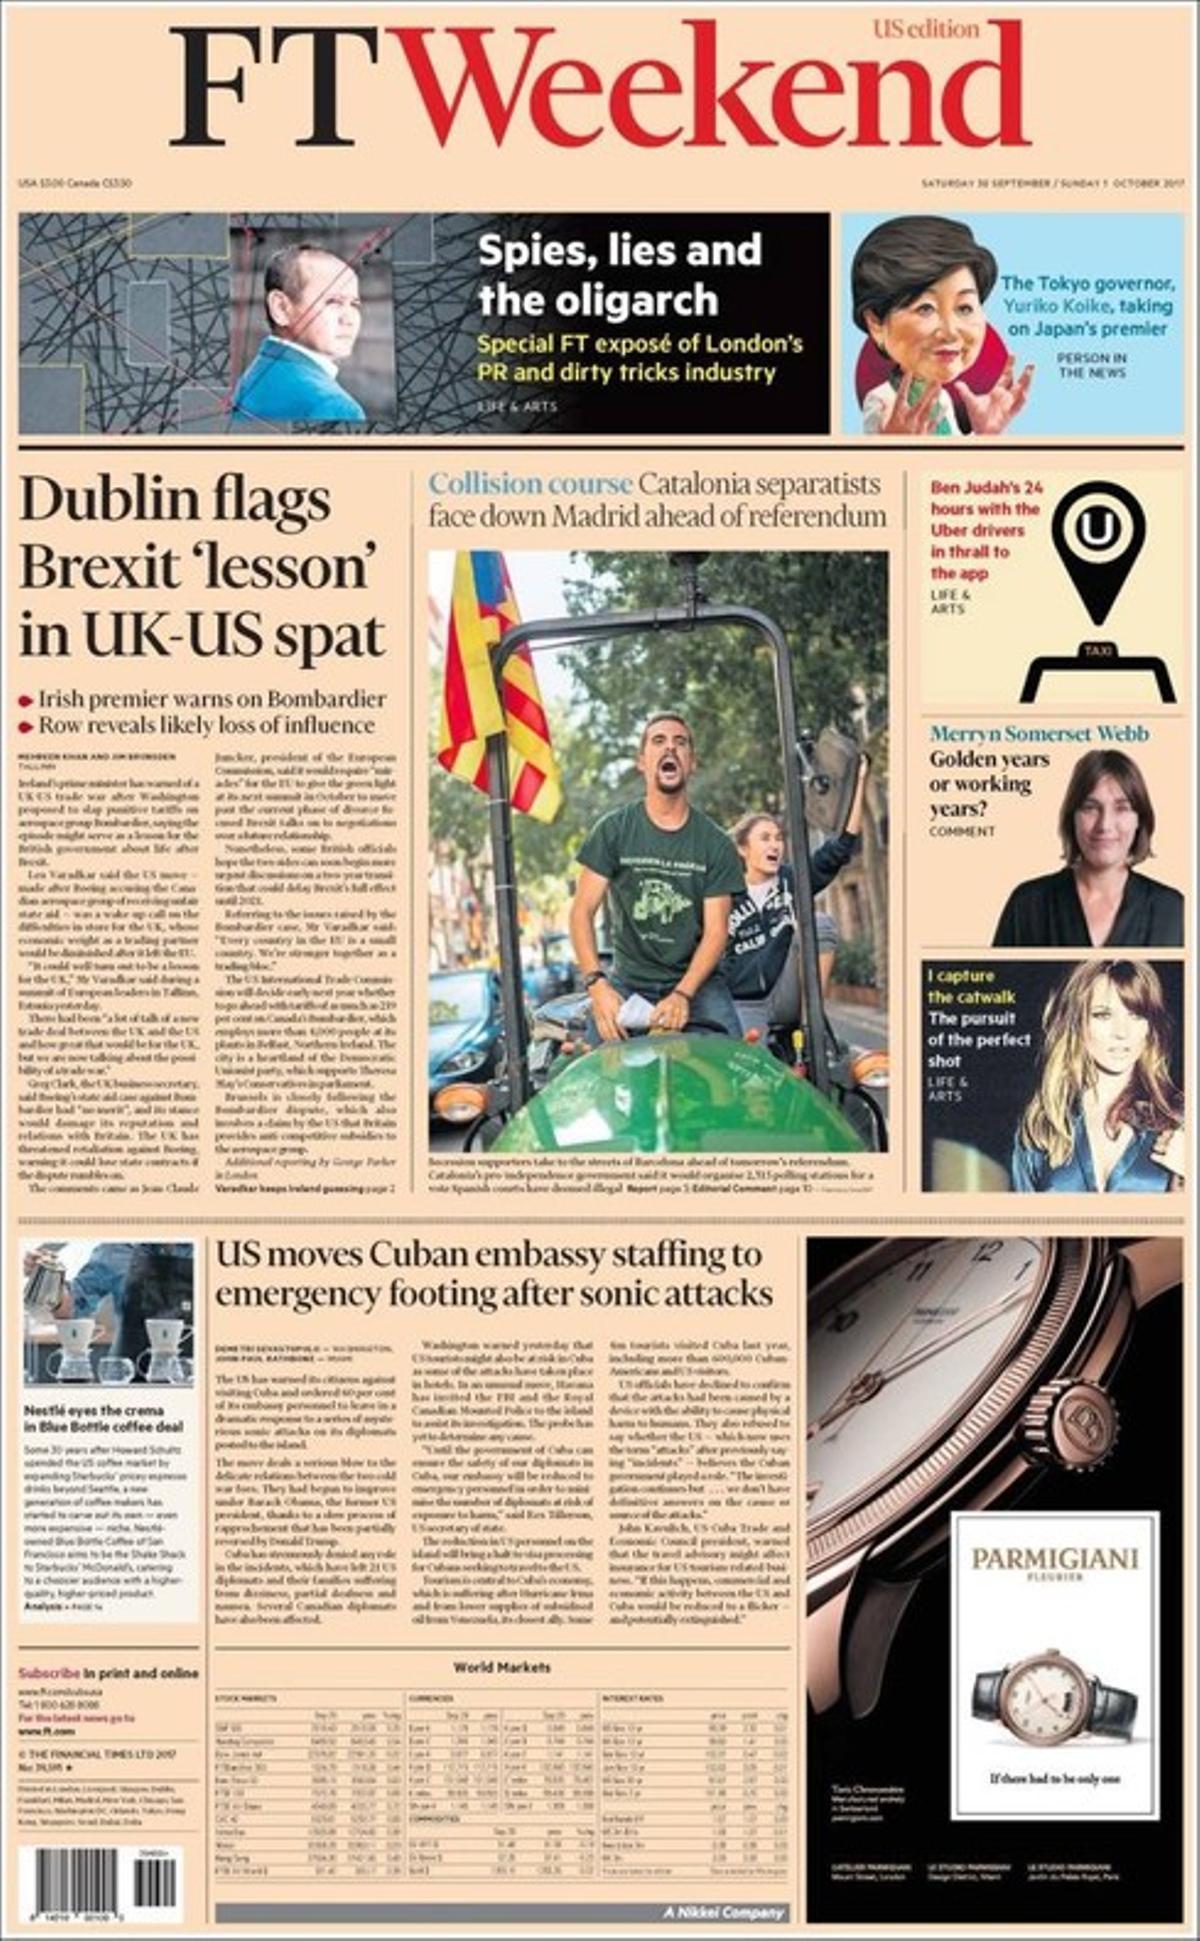 La portada de 'Financial Times' de este sábado, con foto dedicada al referéndum catalán.